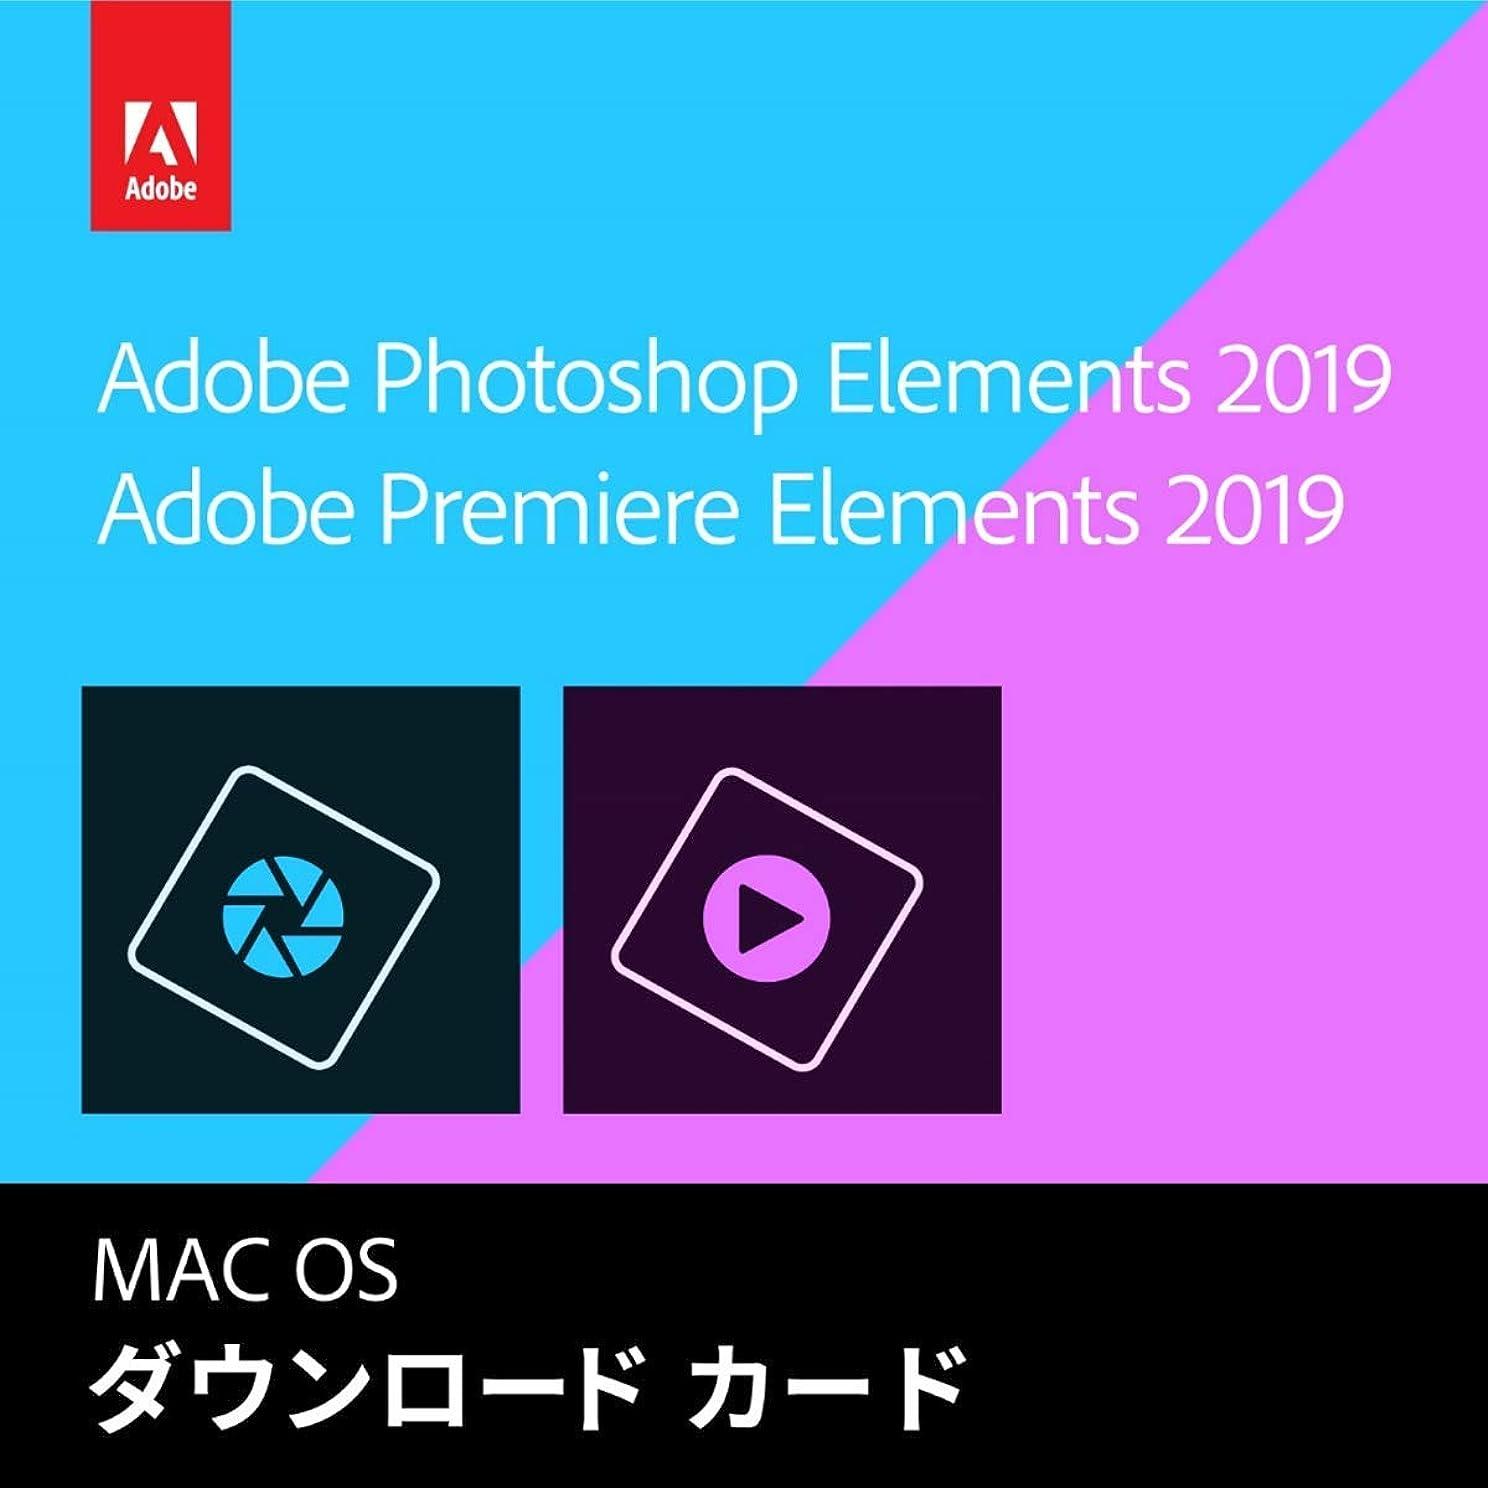 自転車ギャップテメリティ【旧製品】Adobe Photoshop Elements 2019 & Adobe Premiere Elements 2019|Mac対応|カード版(Amazon.co.jp限定)